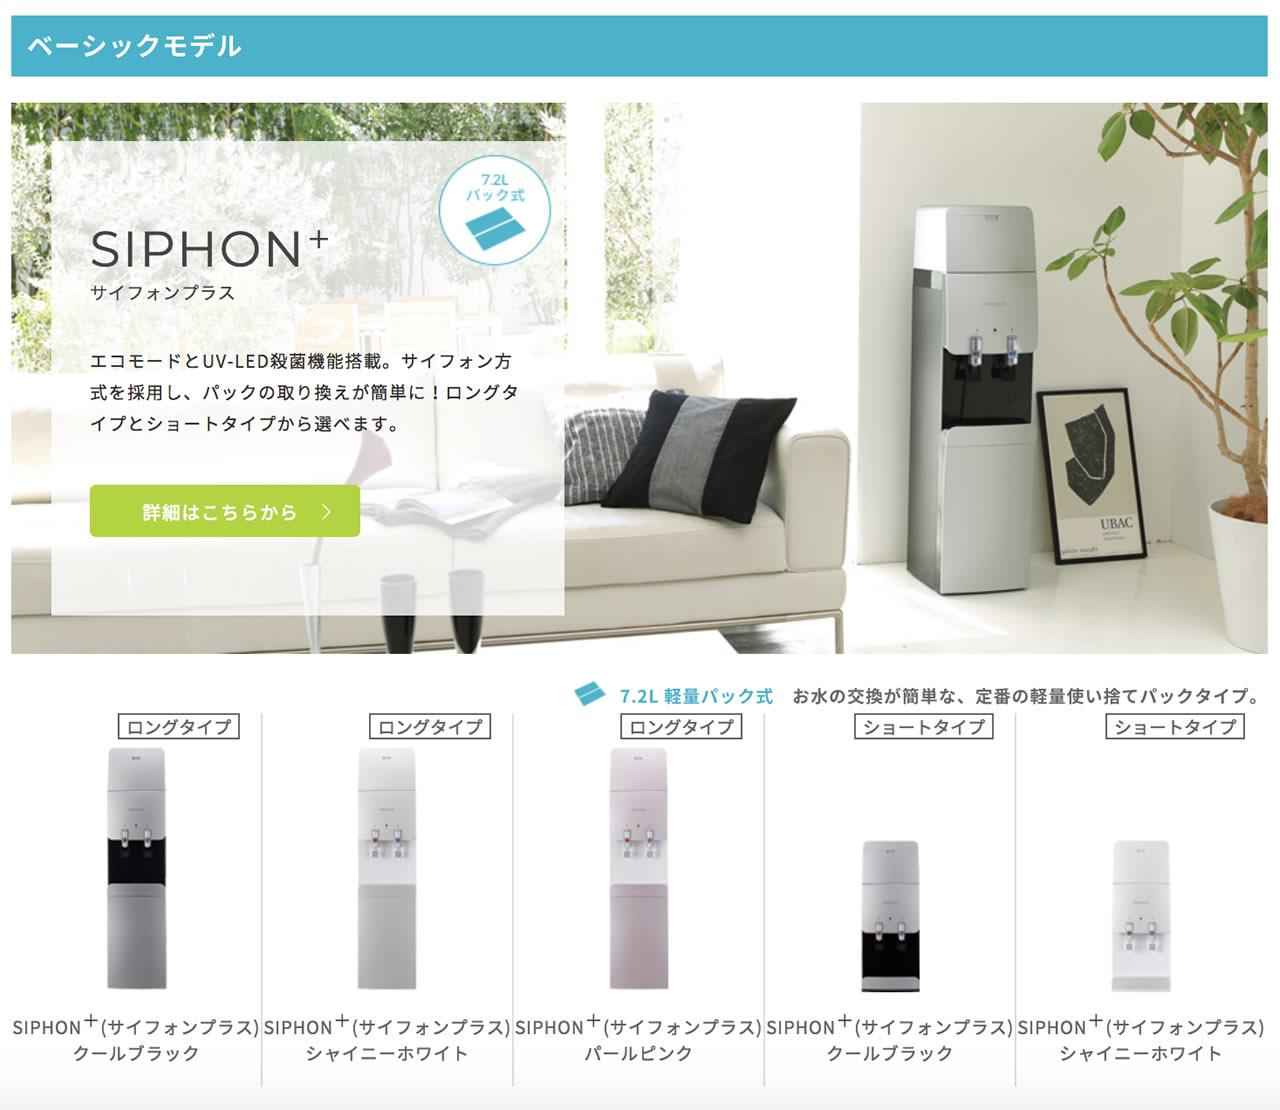 SIPHONE(サイフォンプラス)について